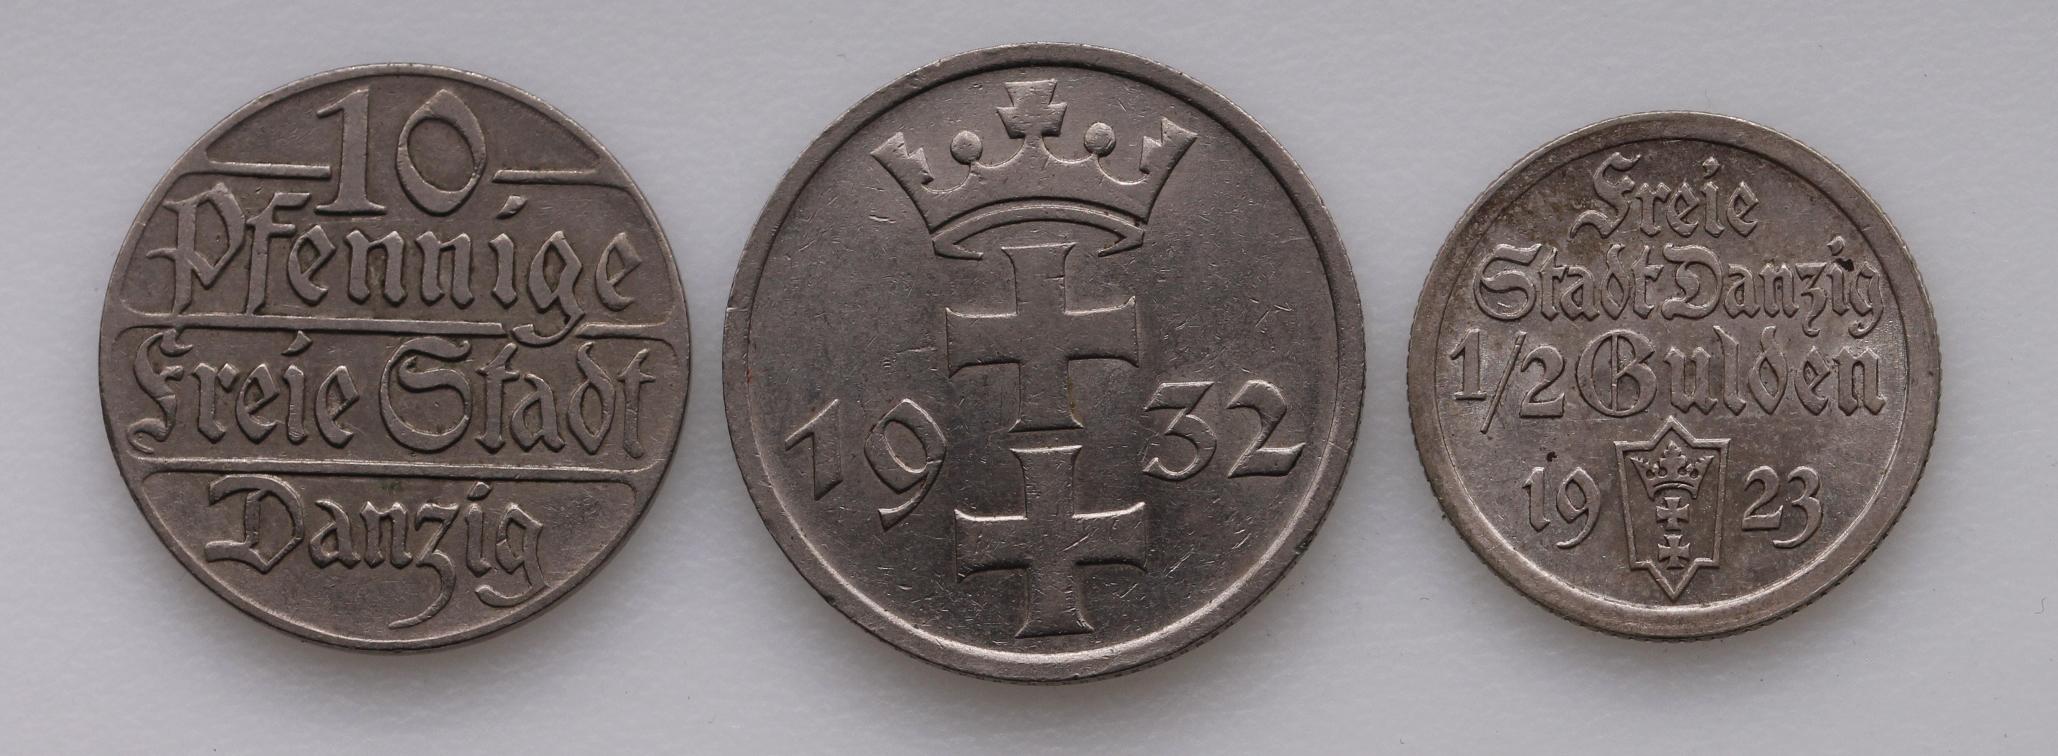 Danzig (3): 10 Pfennig 1923 VF, 1/2 Gulden 1923 EF, and 1 Gulden 1932 nEF - Image 2 of 2